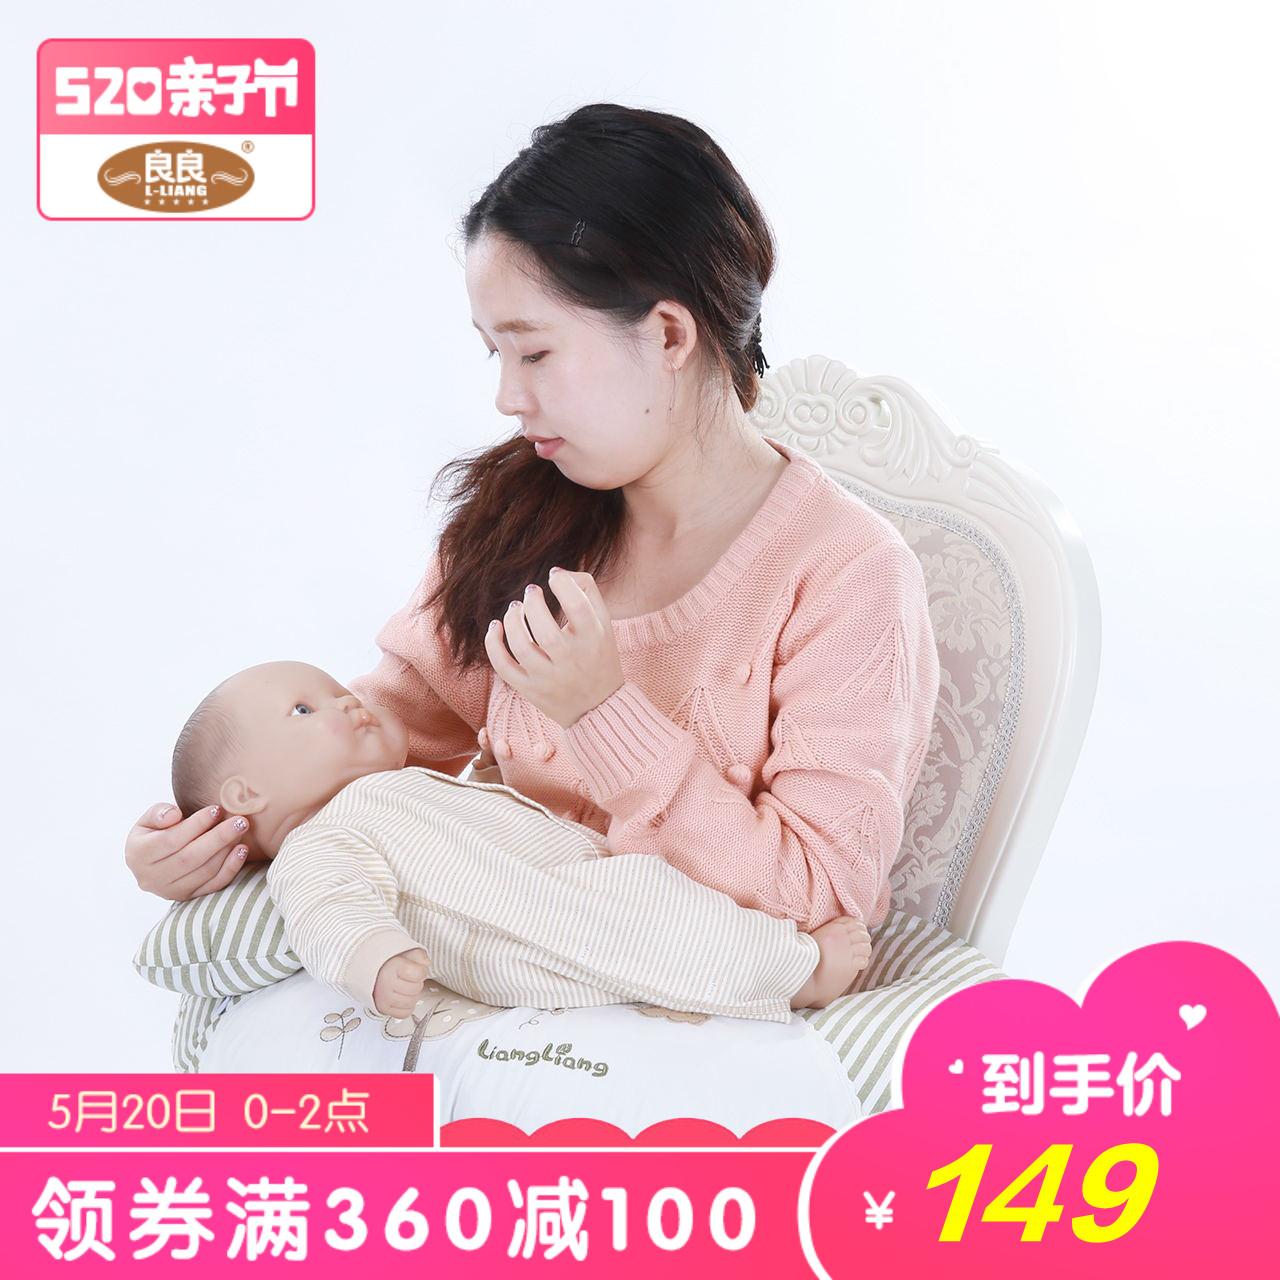 Хорошо хорошо грудное вскармливание подушка многофункциональный беременная женщина подушка ремень подушка сторона подушка ребенок школа сидеть подушка ребенок подача молоко подушка